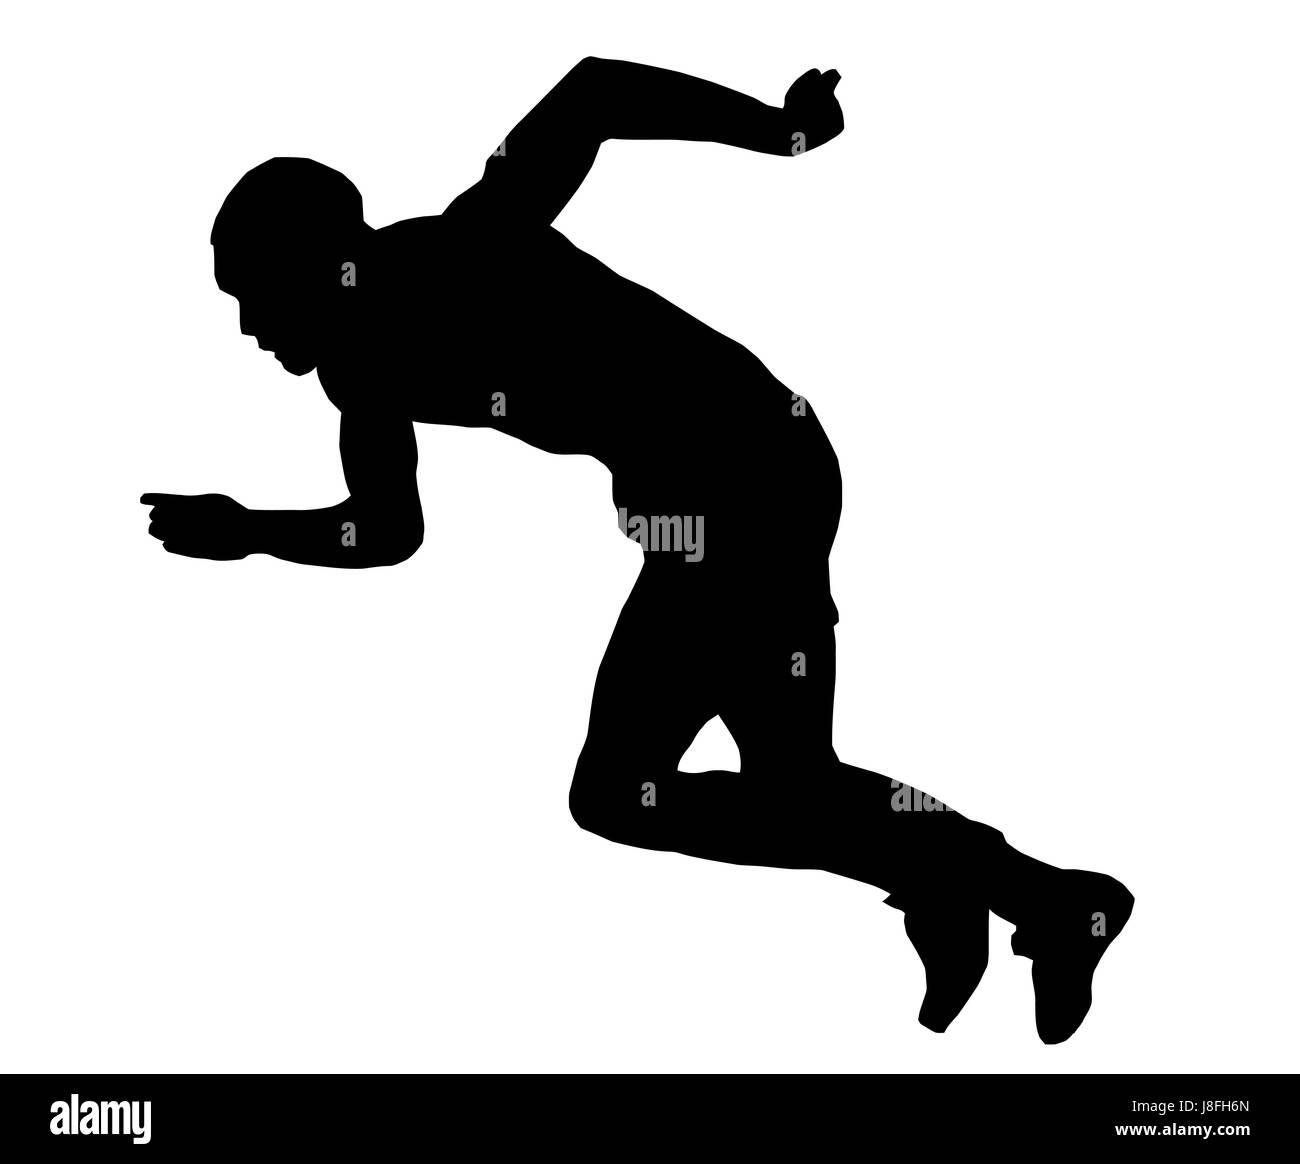 Distancia, pequeño, pequeño, pequeño, corto, atletismo, Sprint, sport, deportes, ejecutar Foto de stock